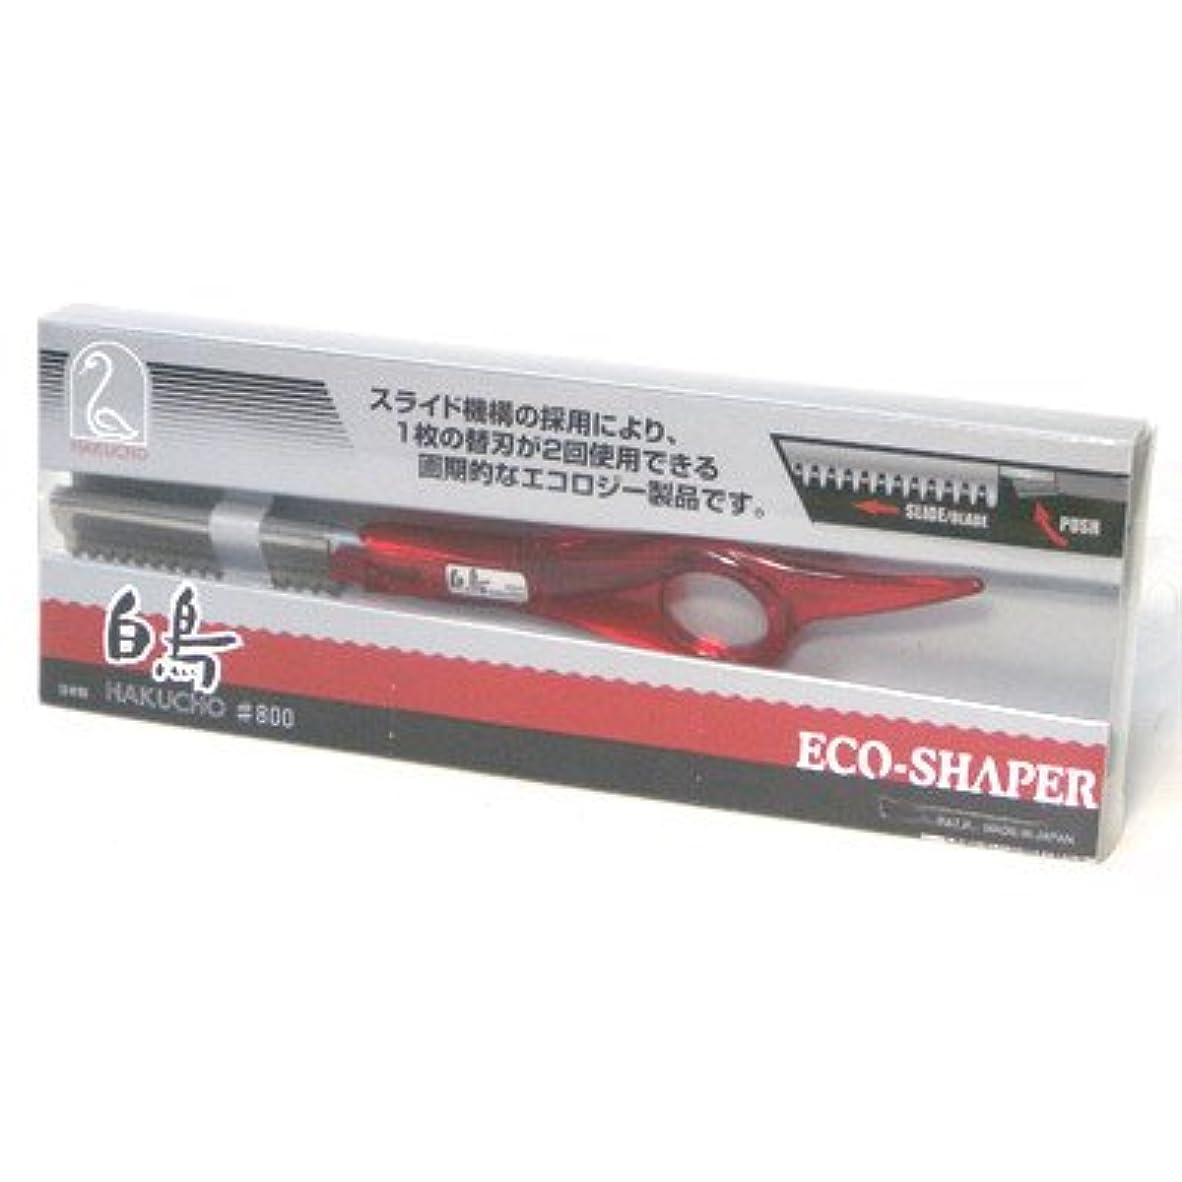 利点節約家族白鳥 カットレザー #800 ECO-SHAPER